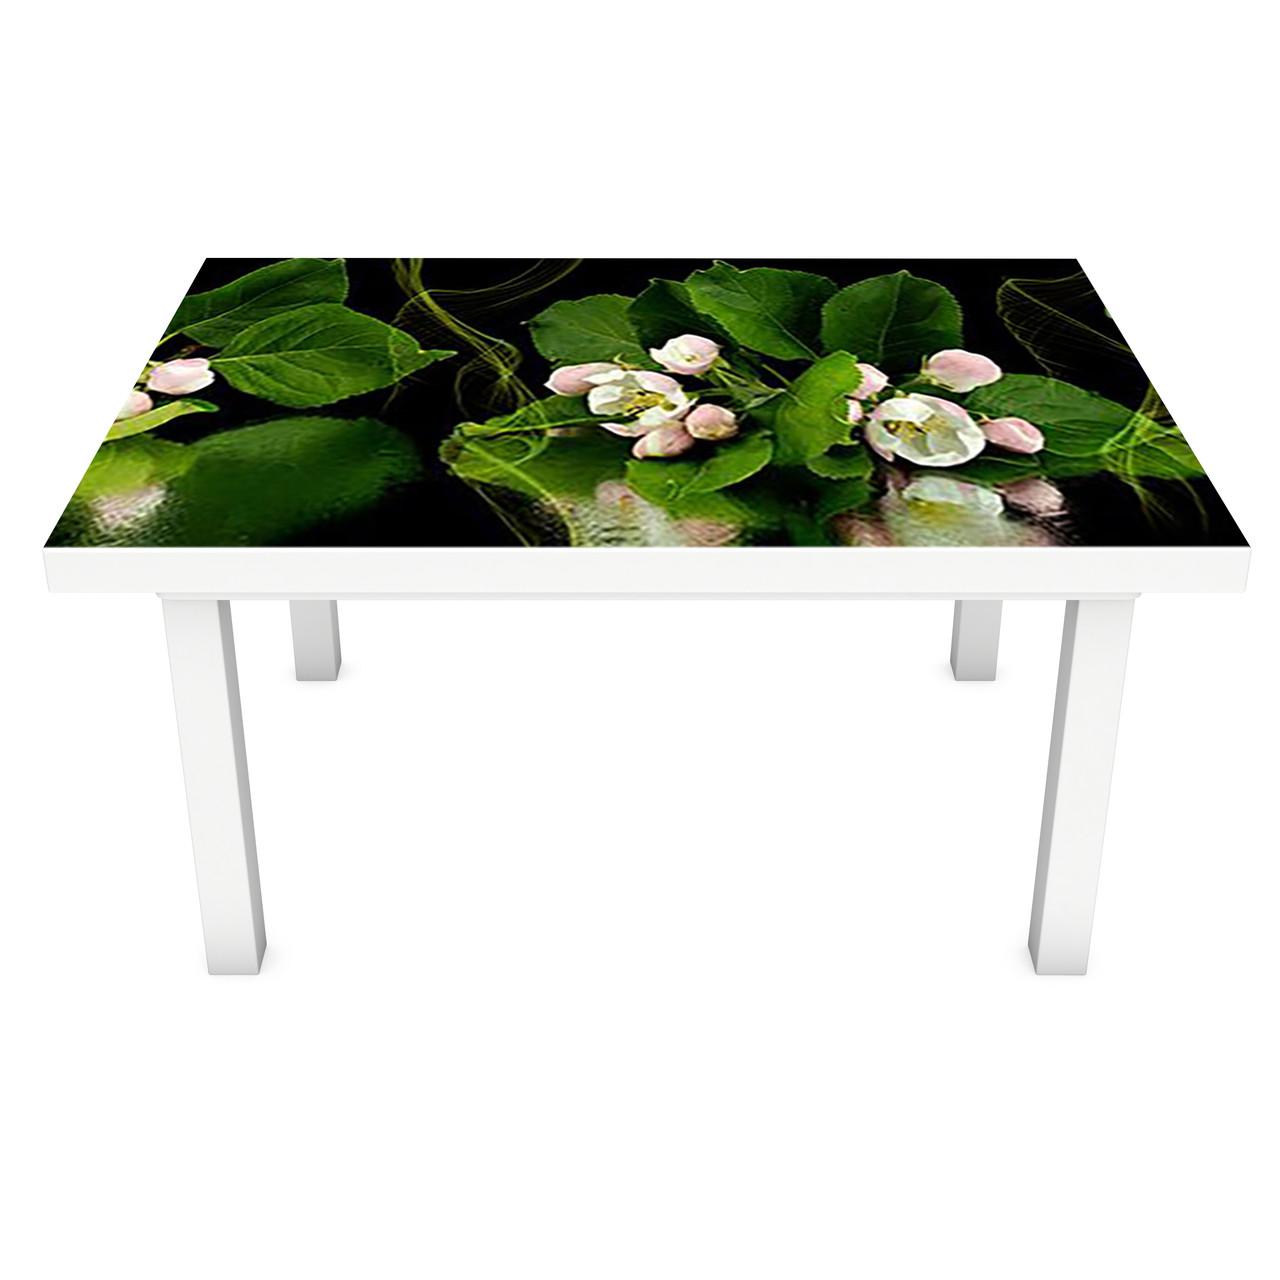 Наклейка на стіл Квіти Яблуні Відображення ПВХ інтер'єрна плівка для меблів на темно тлі Зелений 600*1200 мм